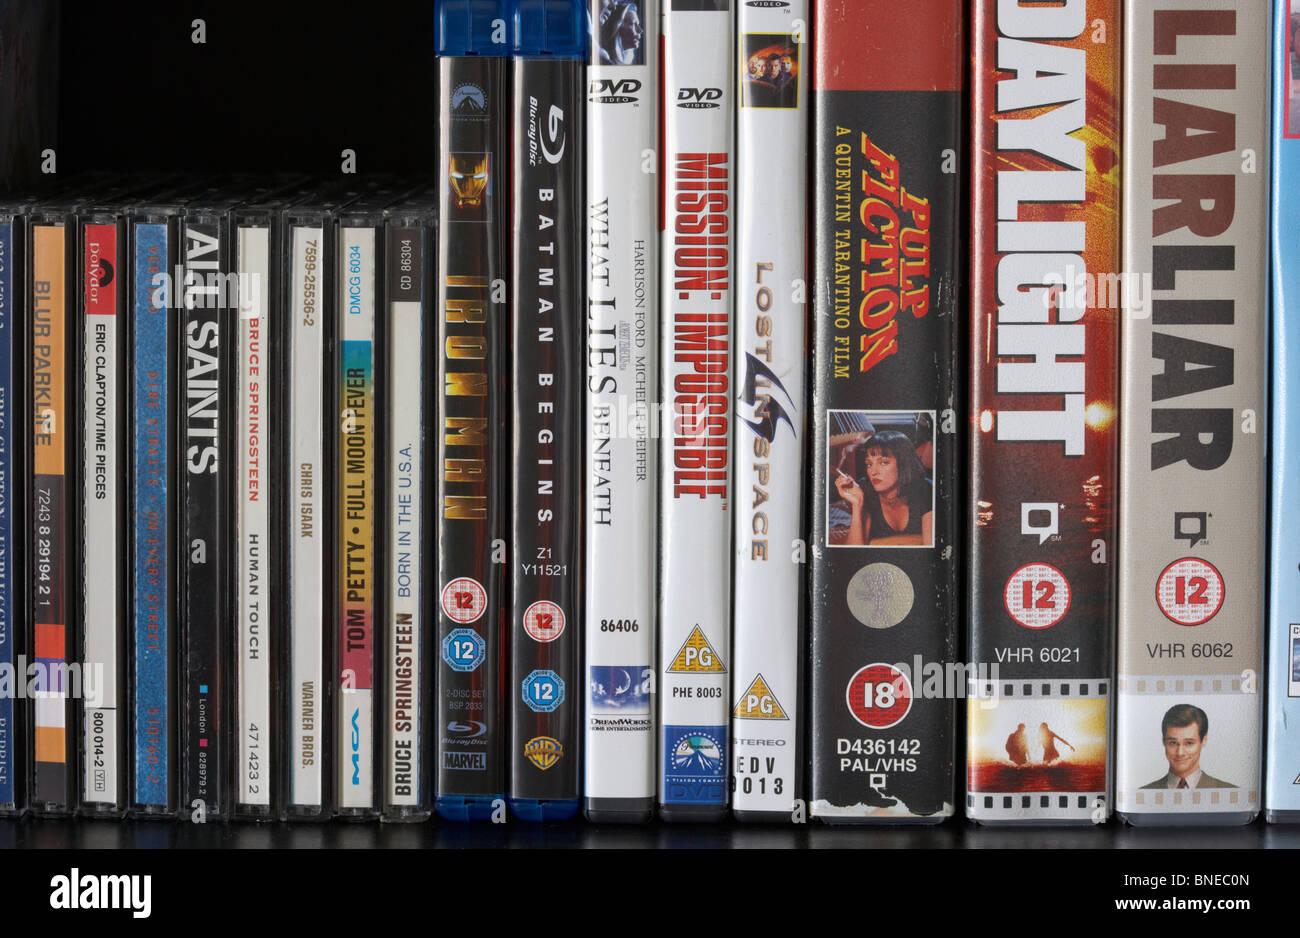 Fila di vhs dvd blu-ray video casi e cd album su un ripiano nel Regno Unito Immagini Stock